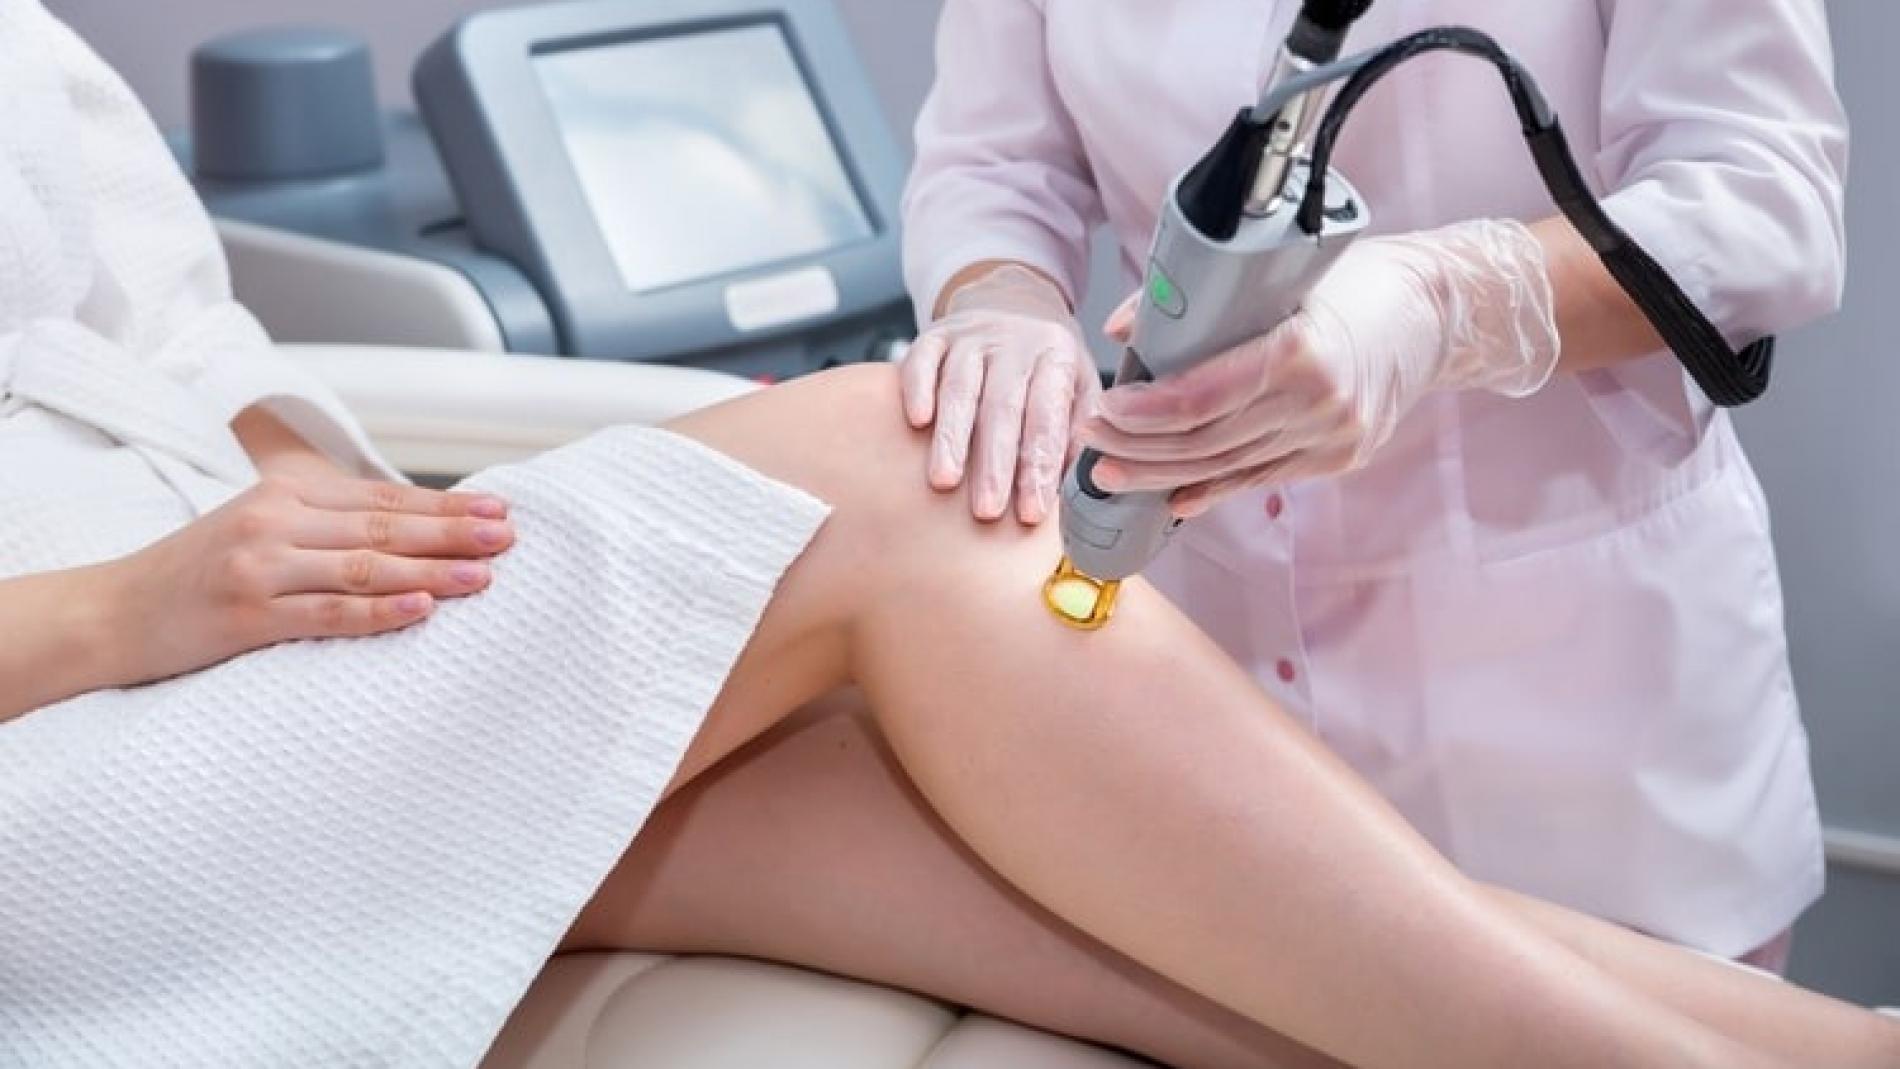 clinica de cirurgia plastica em santos dra. ana lucia lemos depilaçao a laser